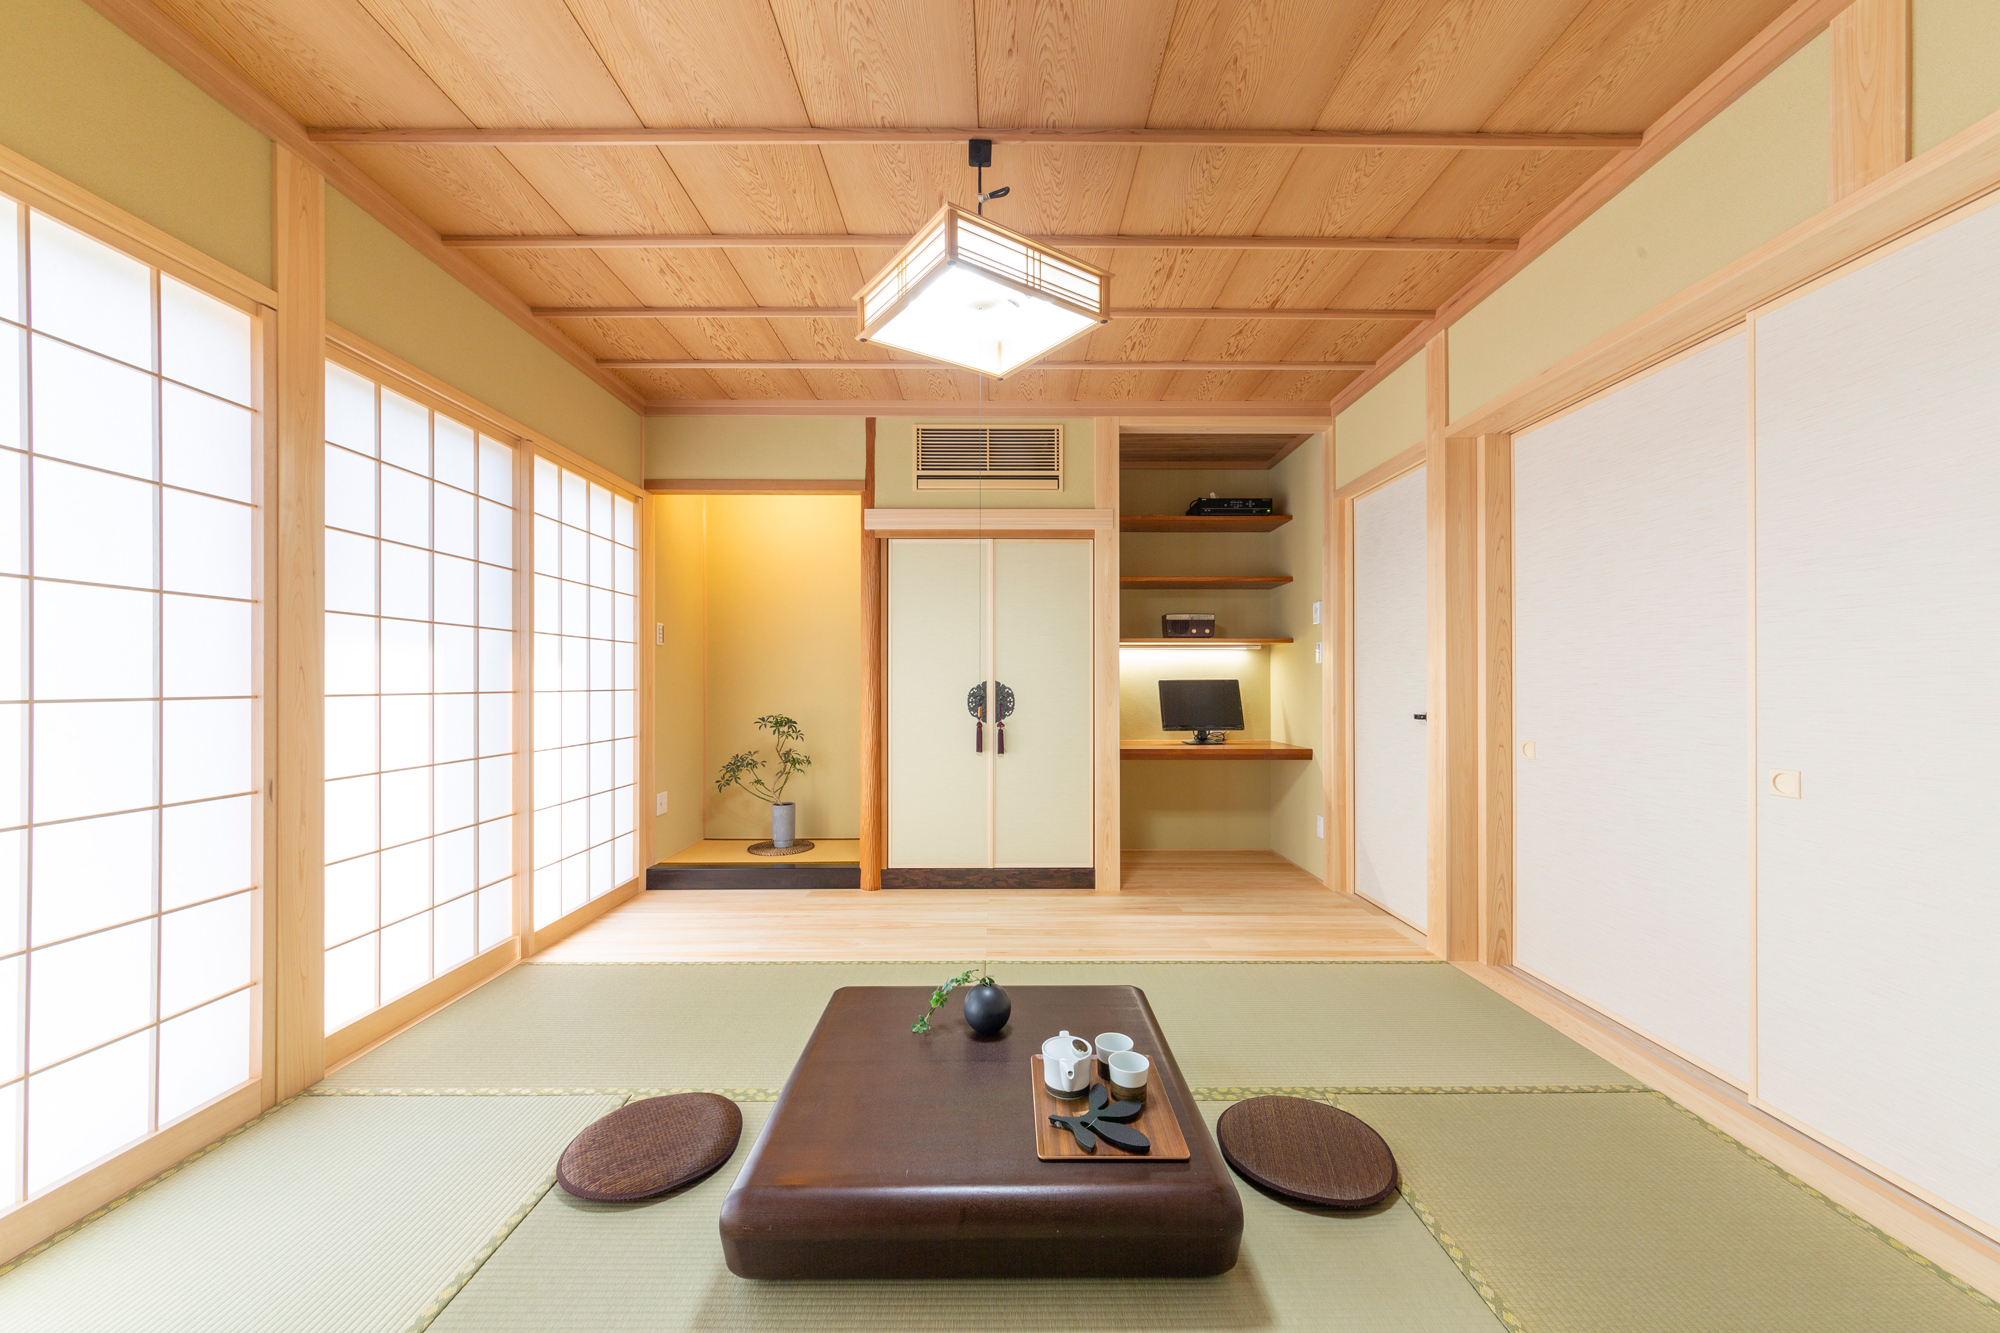 旧居の床柱と書斎机を活用した和室